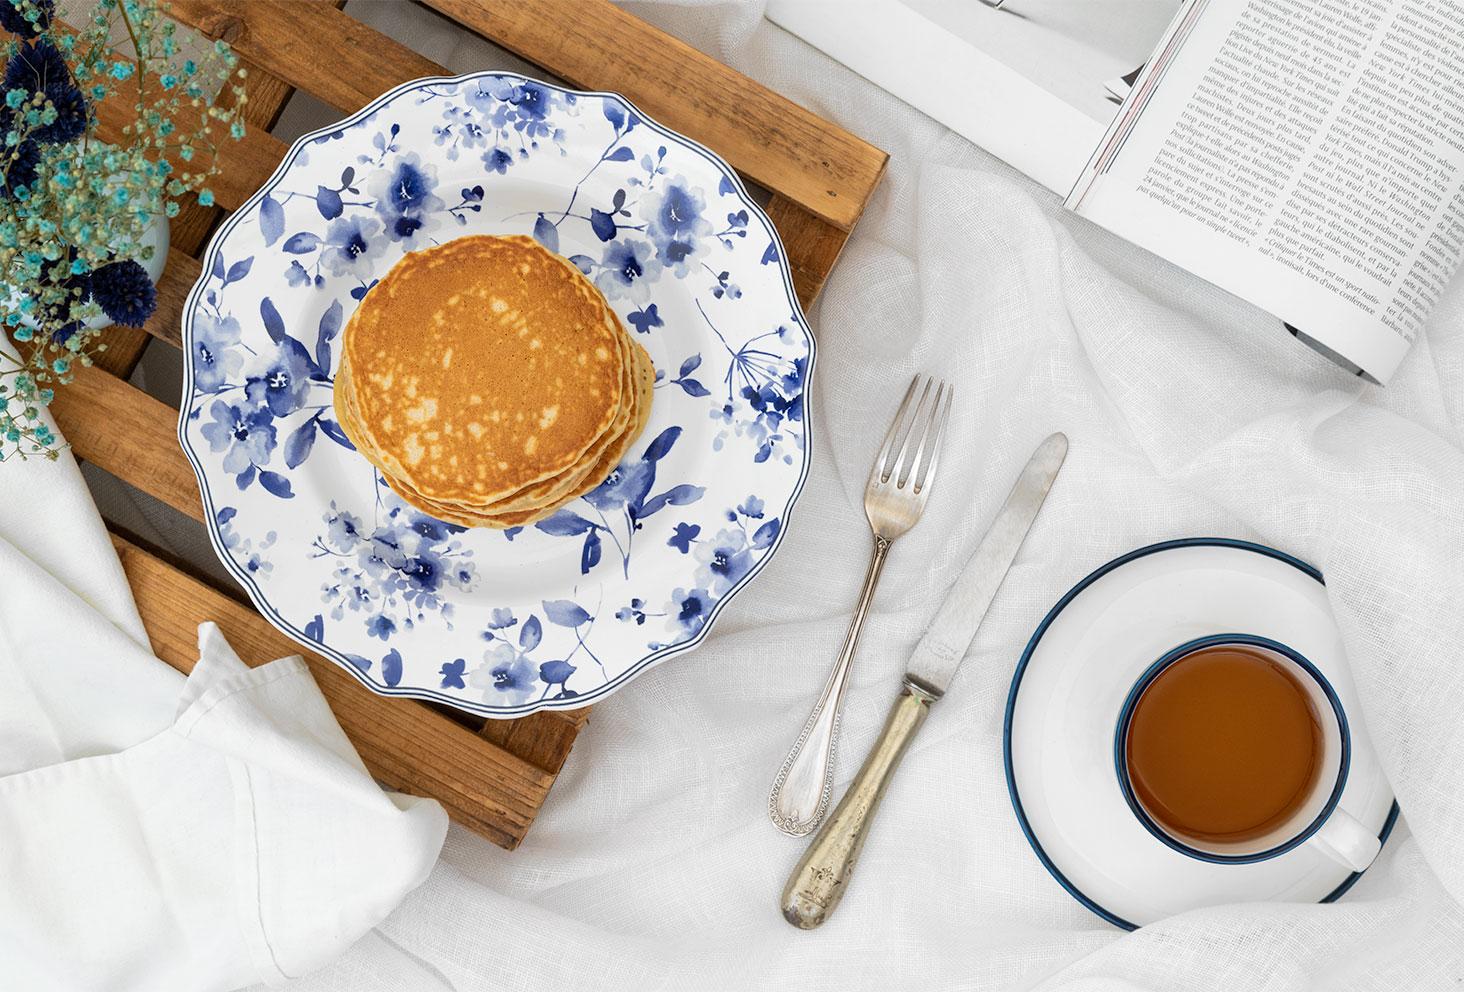 Des pancakes dorés et moelleux à la banane, dans une assiette vintage, sur un lit avec une tasse de thé et un magazine